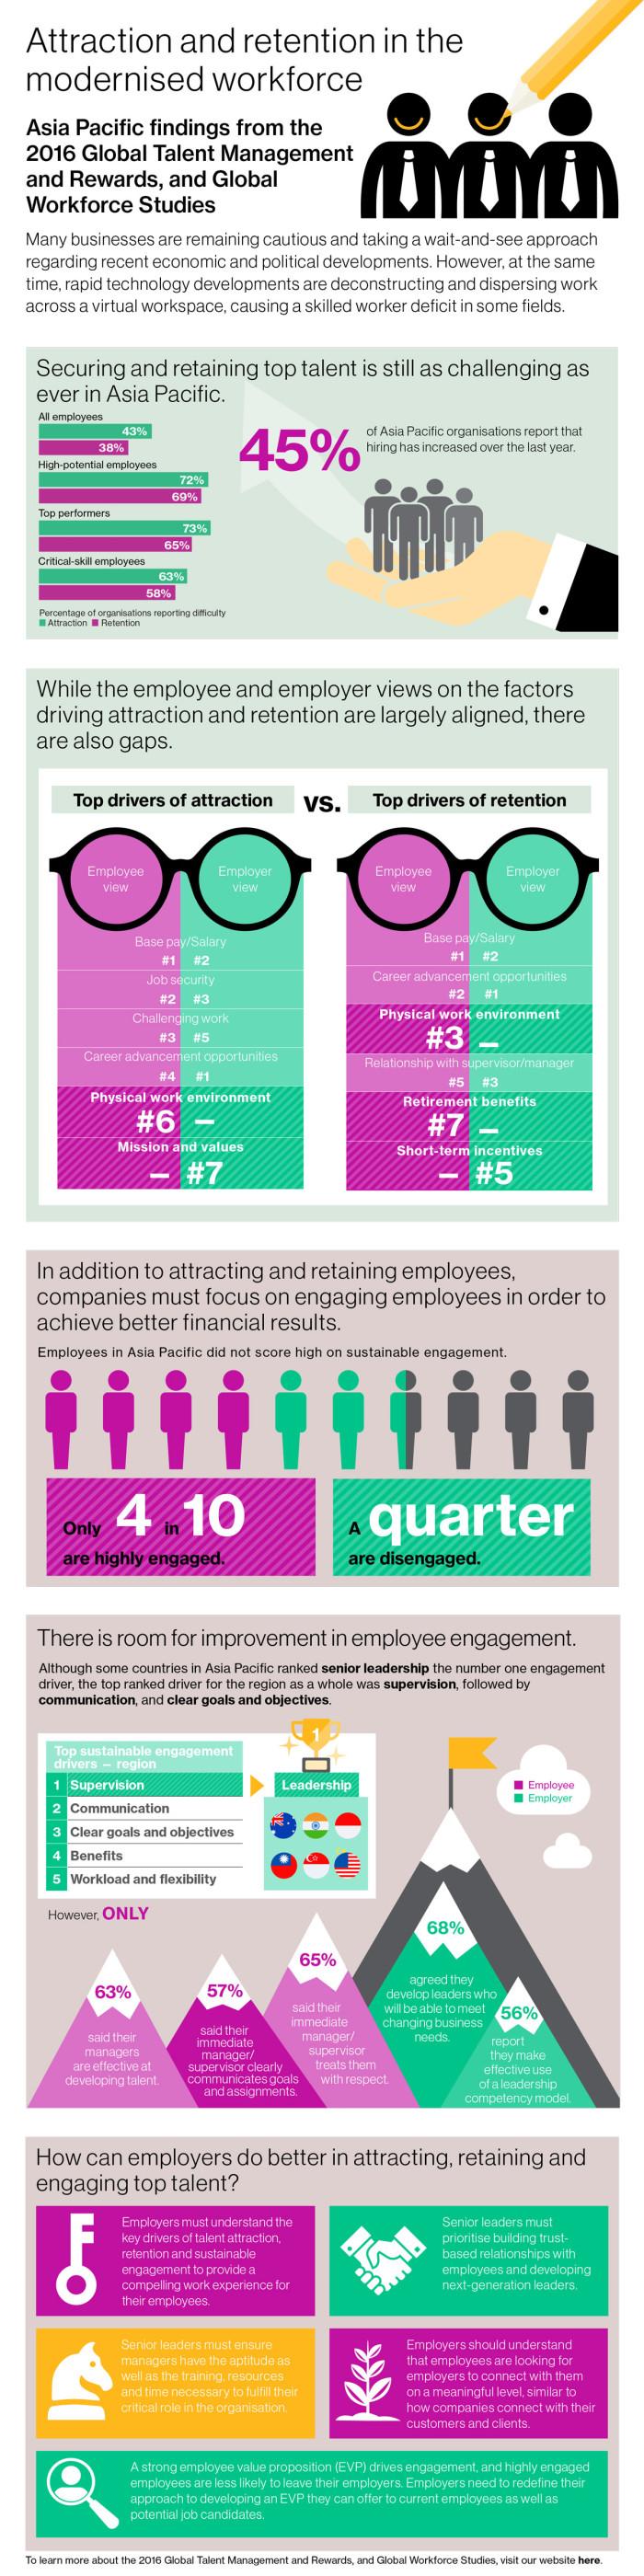 WTW infographic